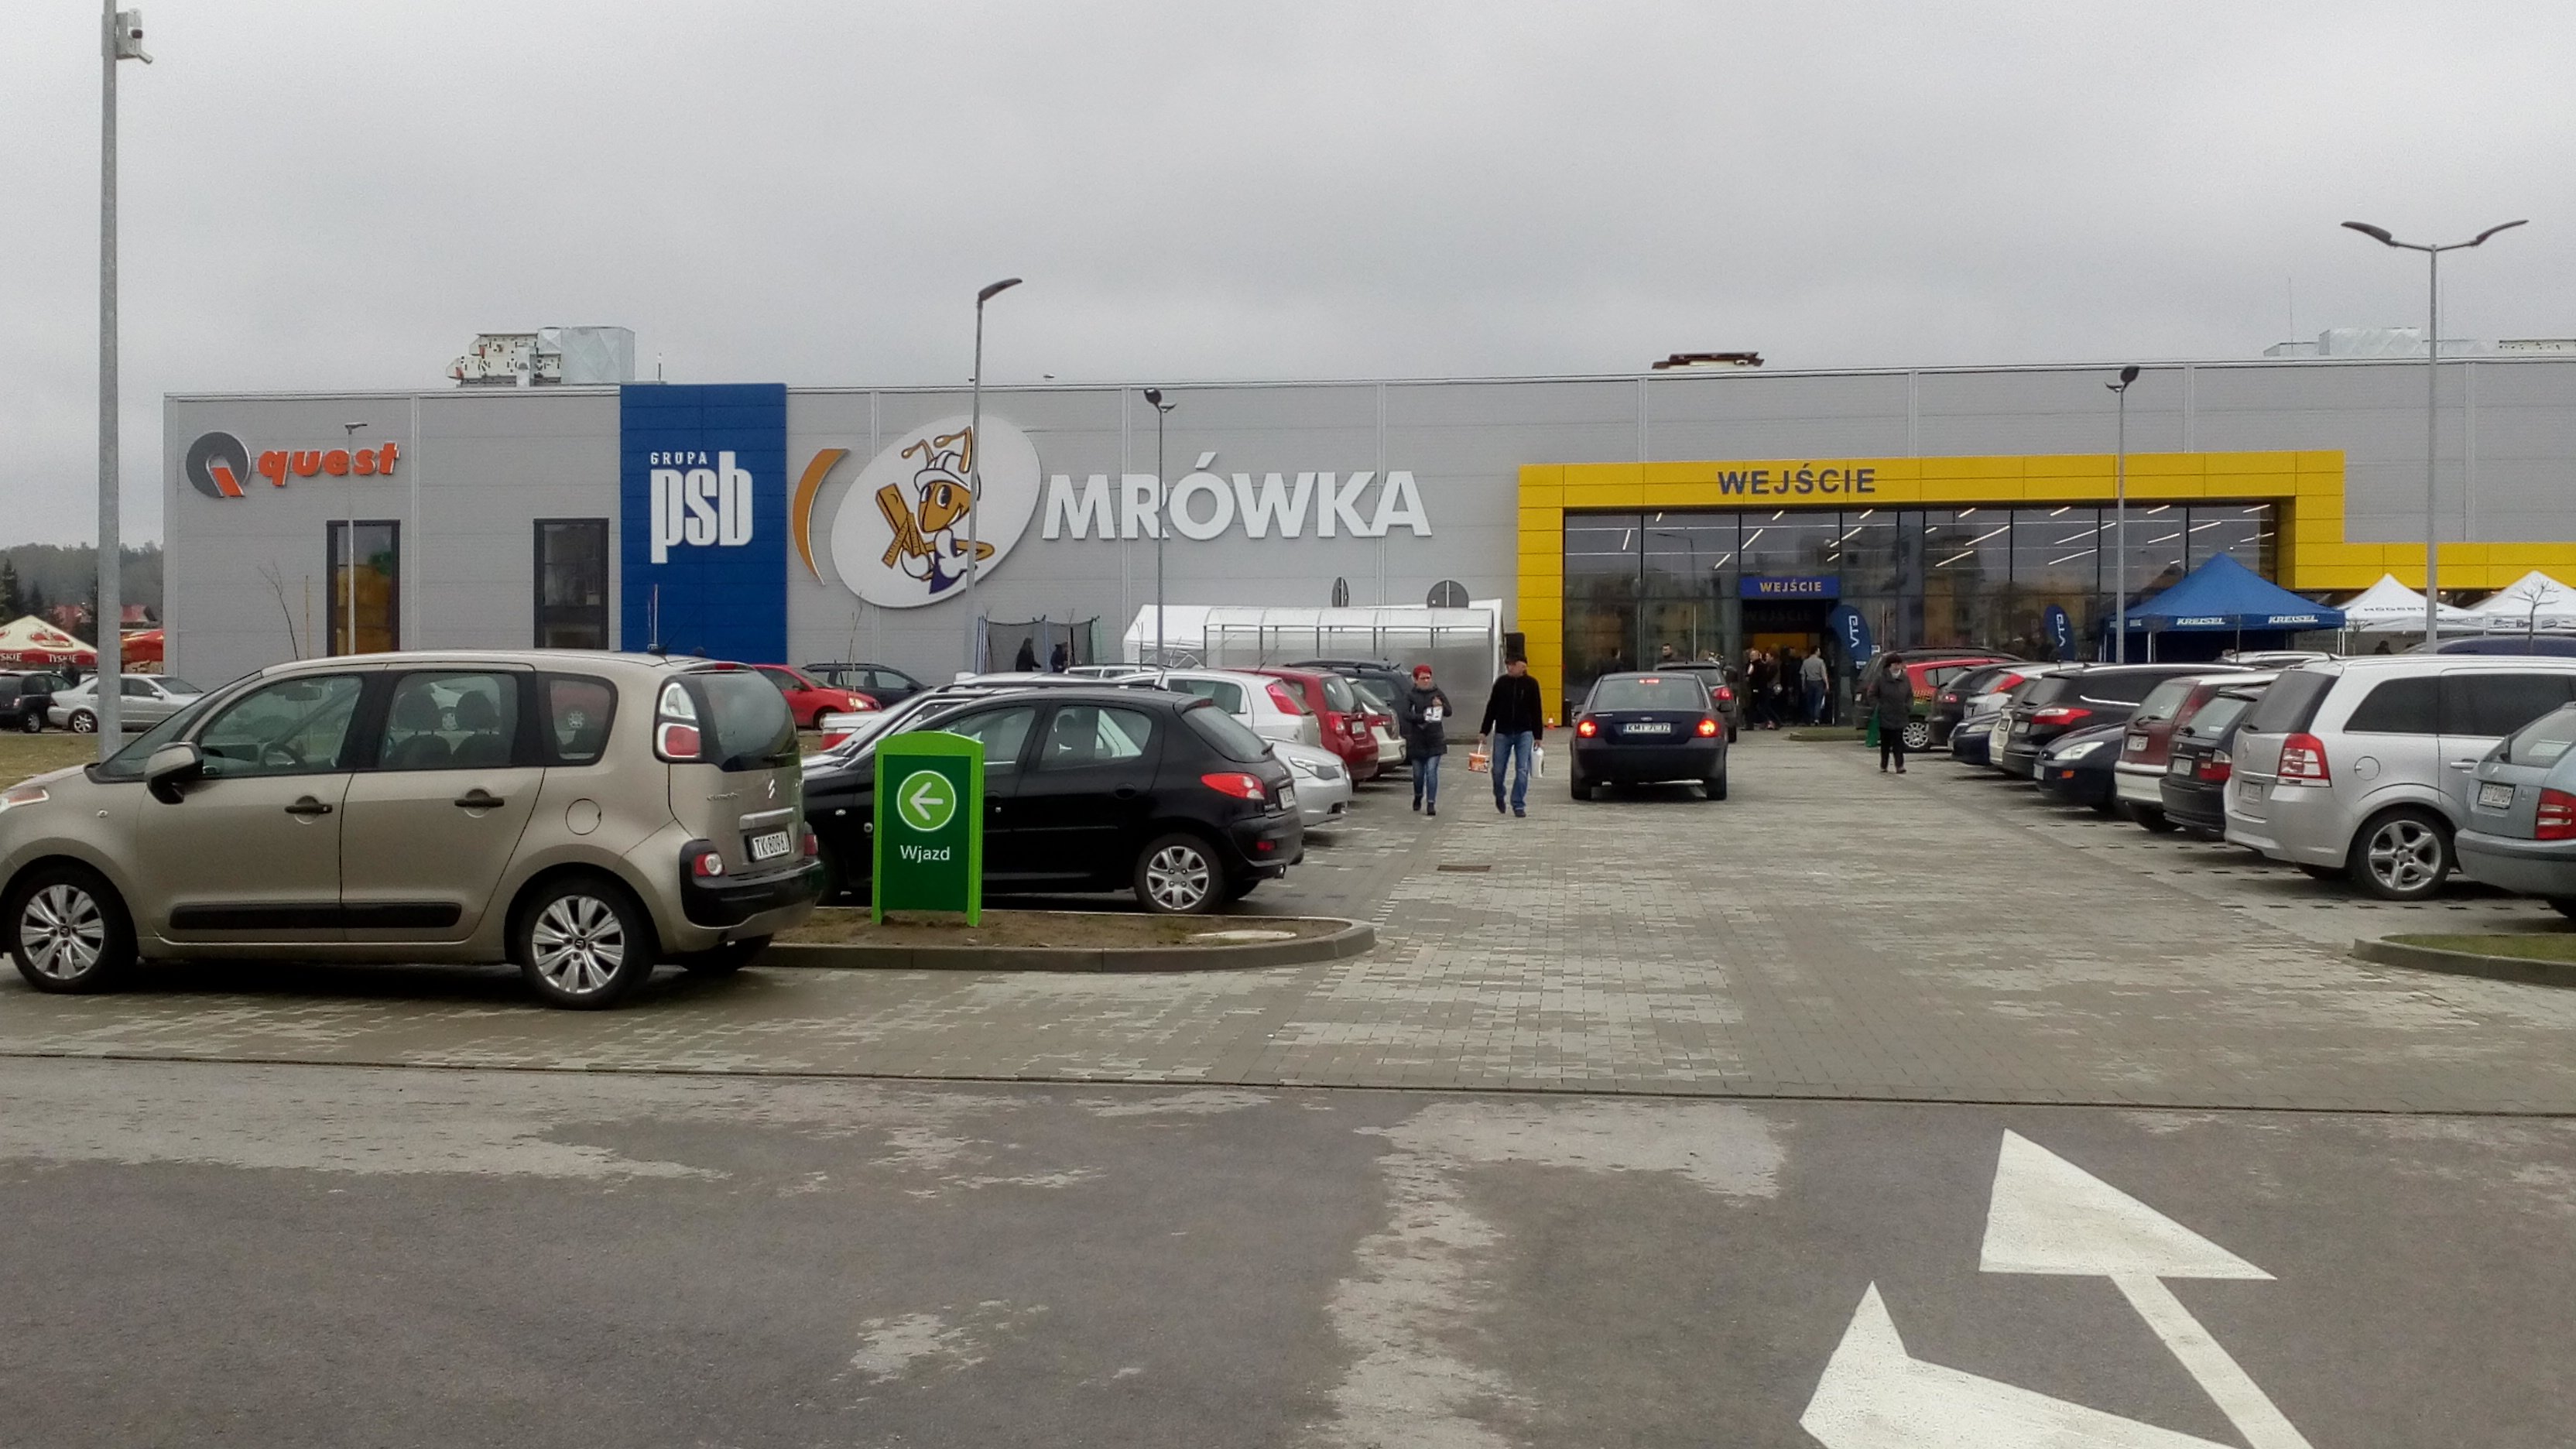 Psb Mrowka Kielce Swietokrzyskie